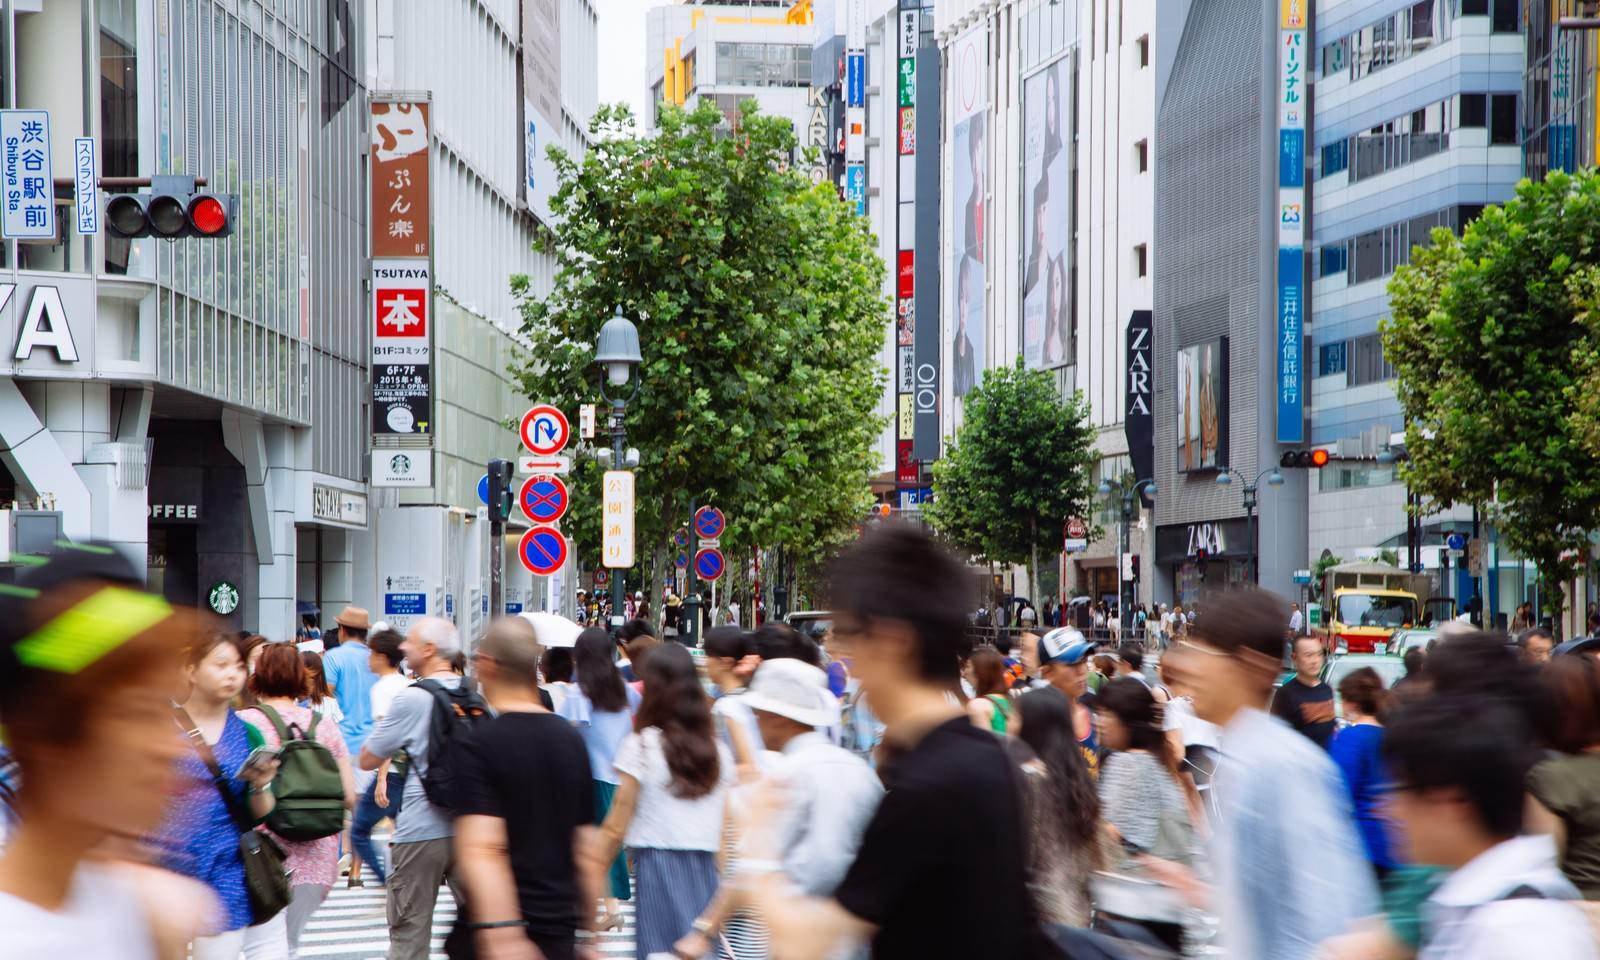 「人混みでごった返す渋谷駅前スクランブル | 写真の無料素材・フリー素材 - ぱくたそ」の写真